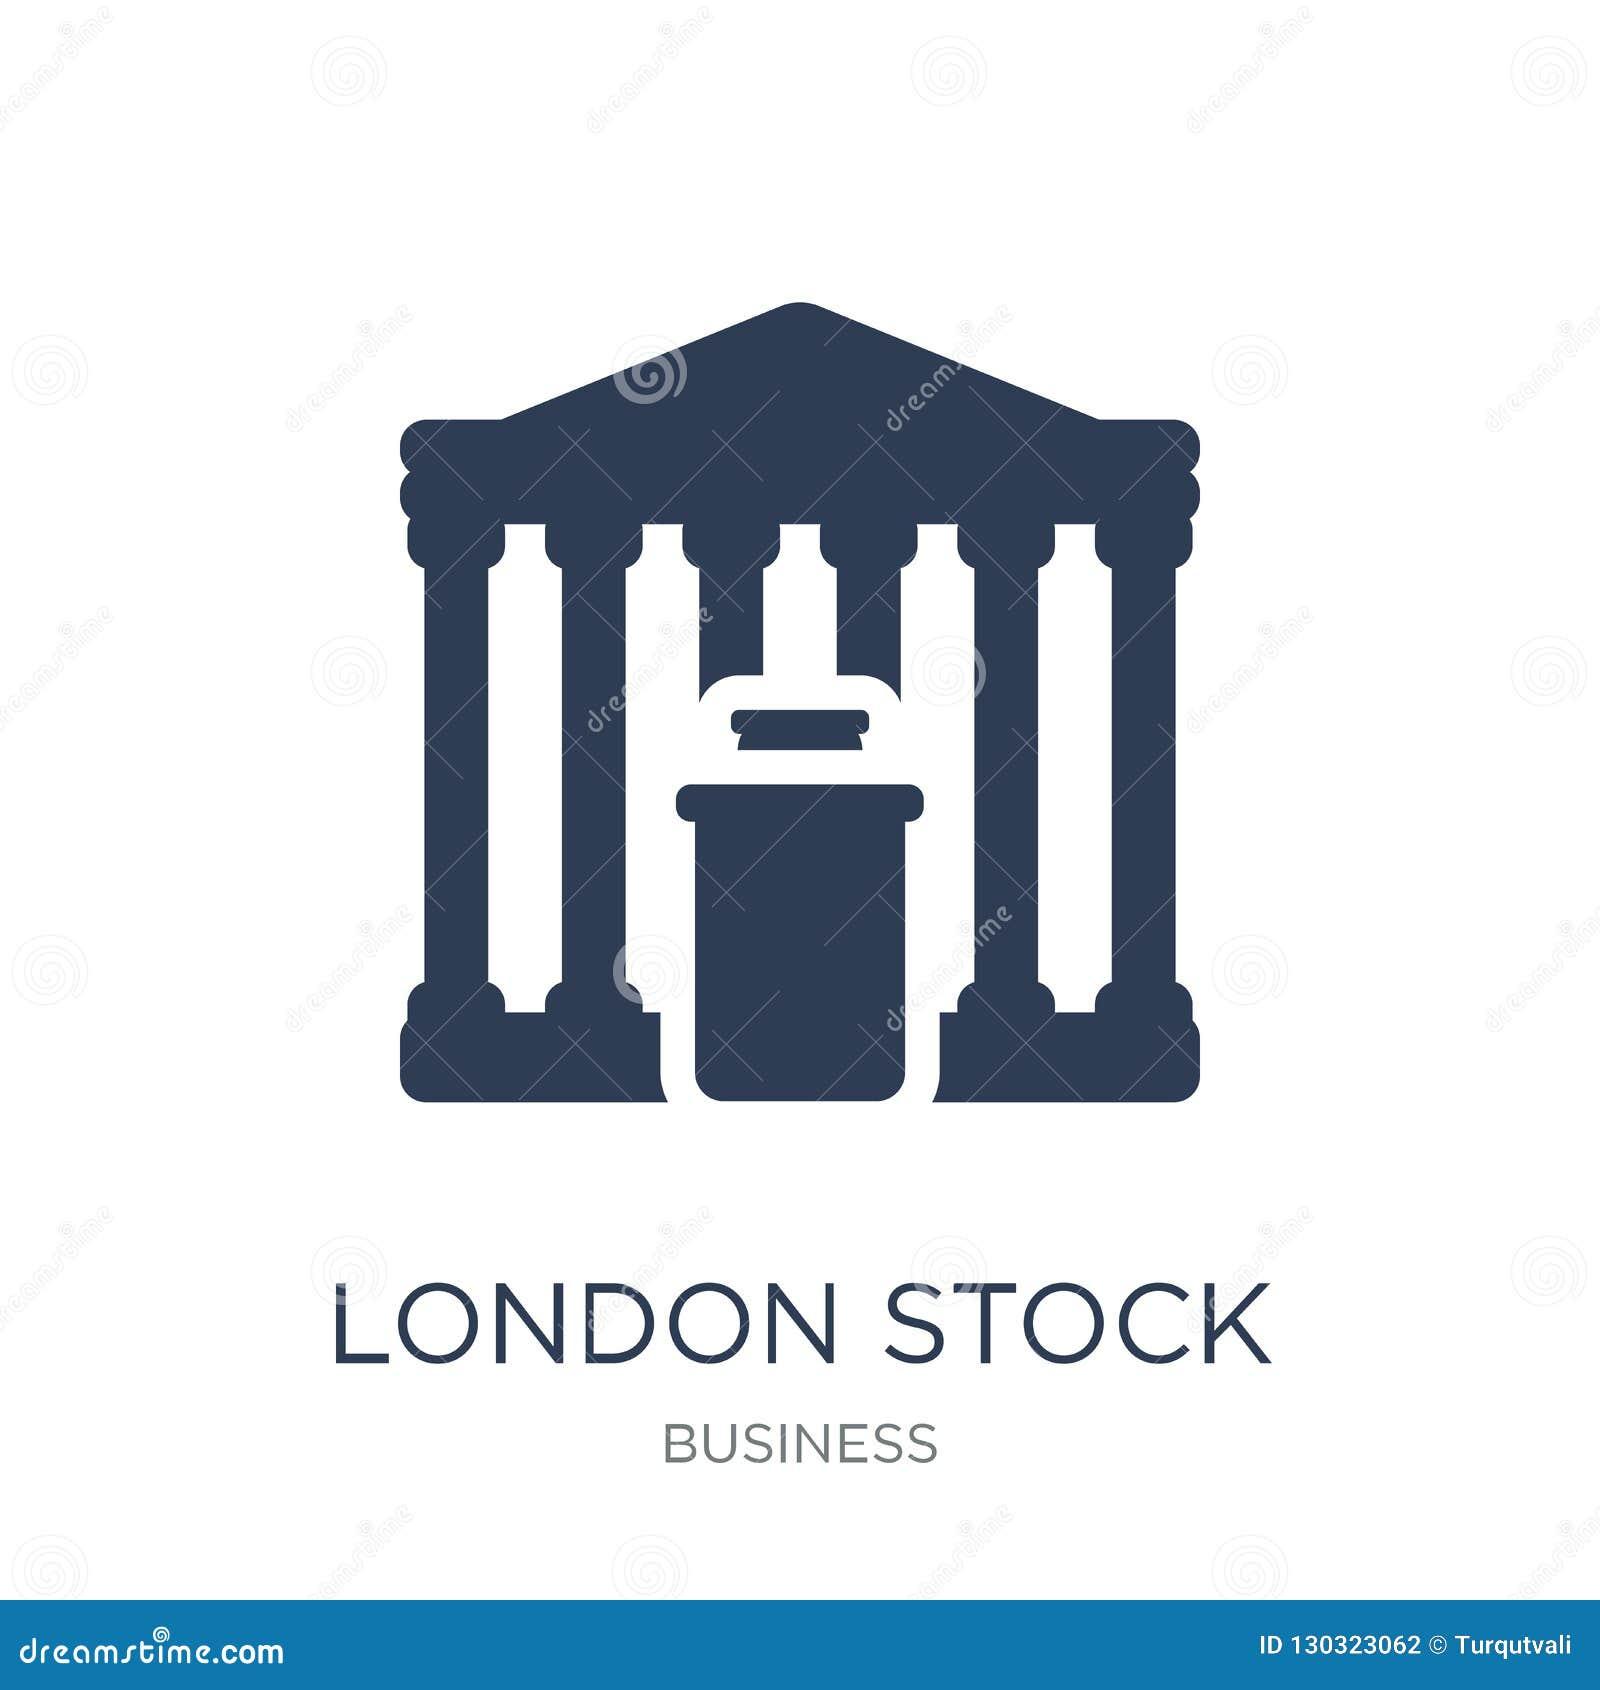 Icono de la bolsa de acción de Londres Intercambio común de Londres del vector plano de moda